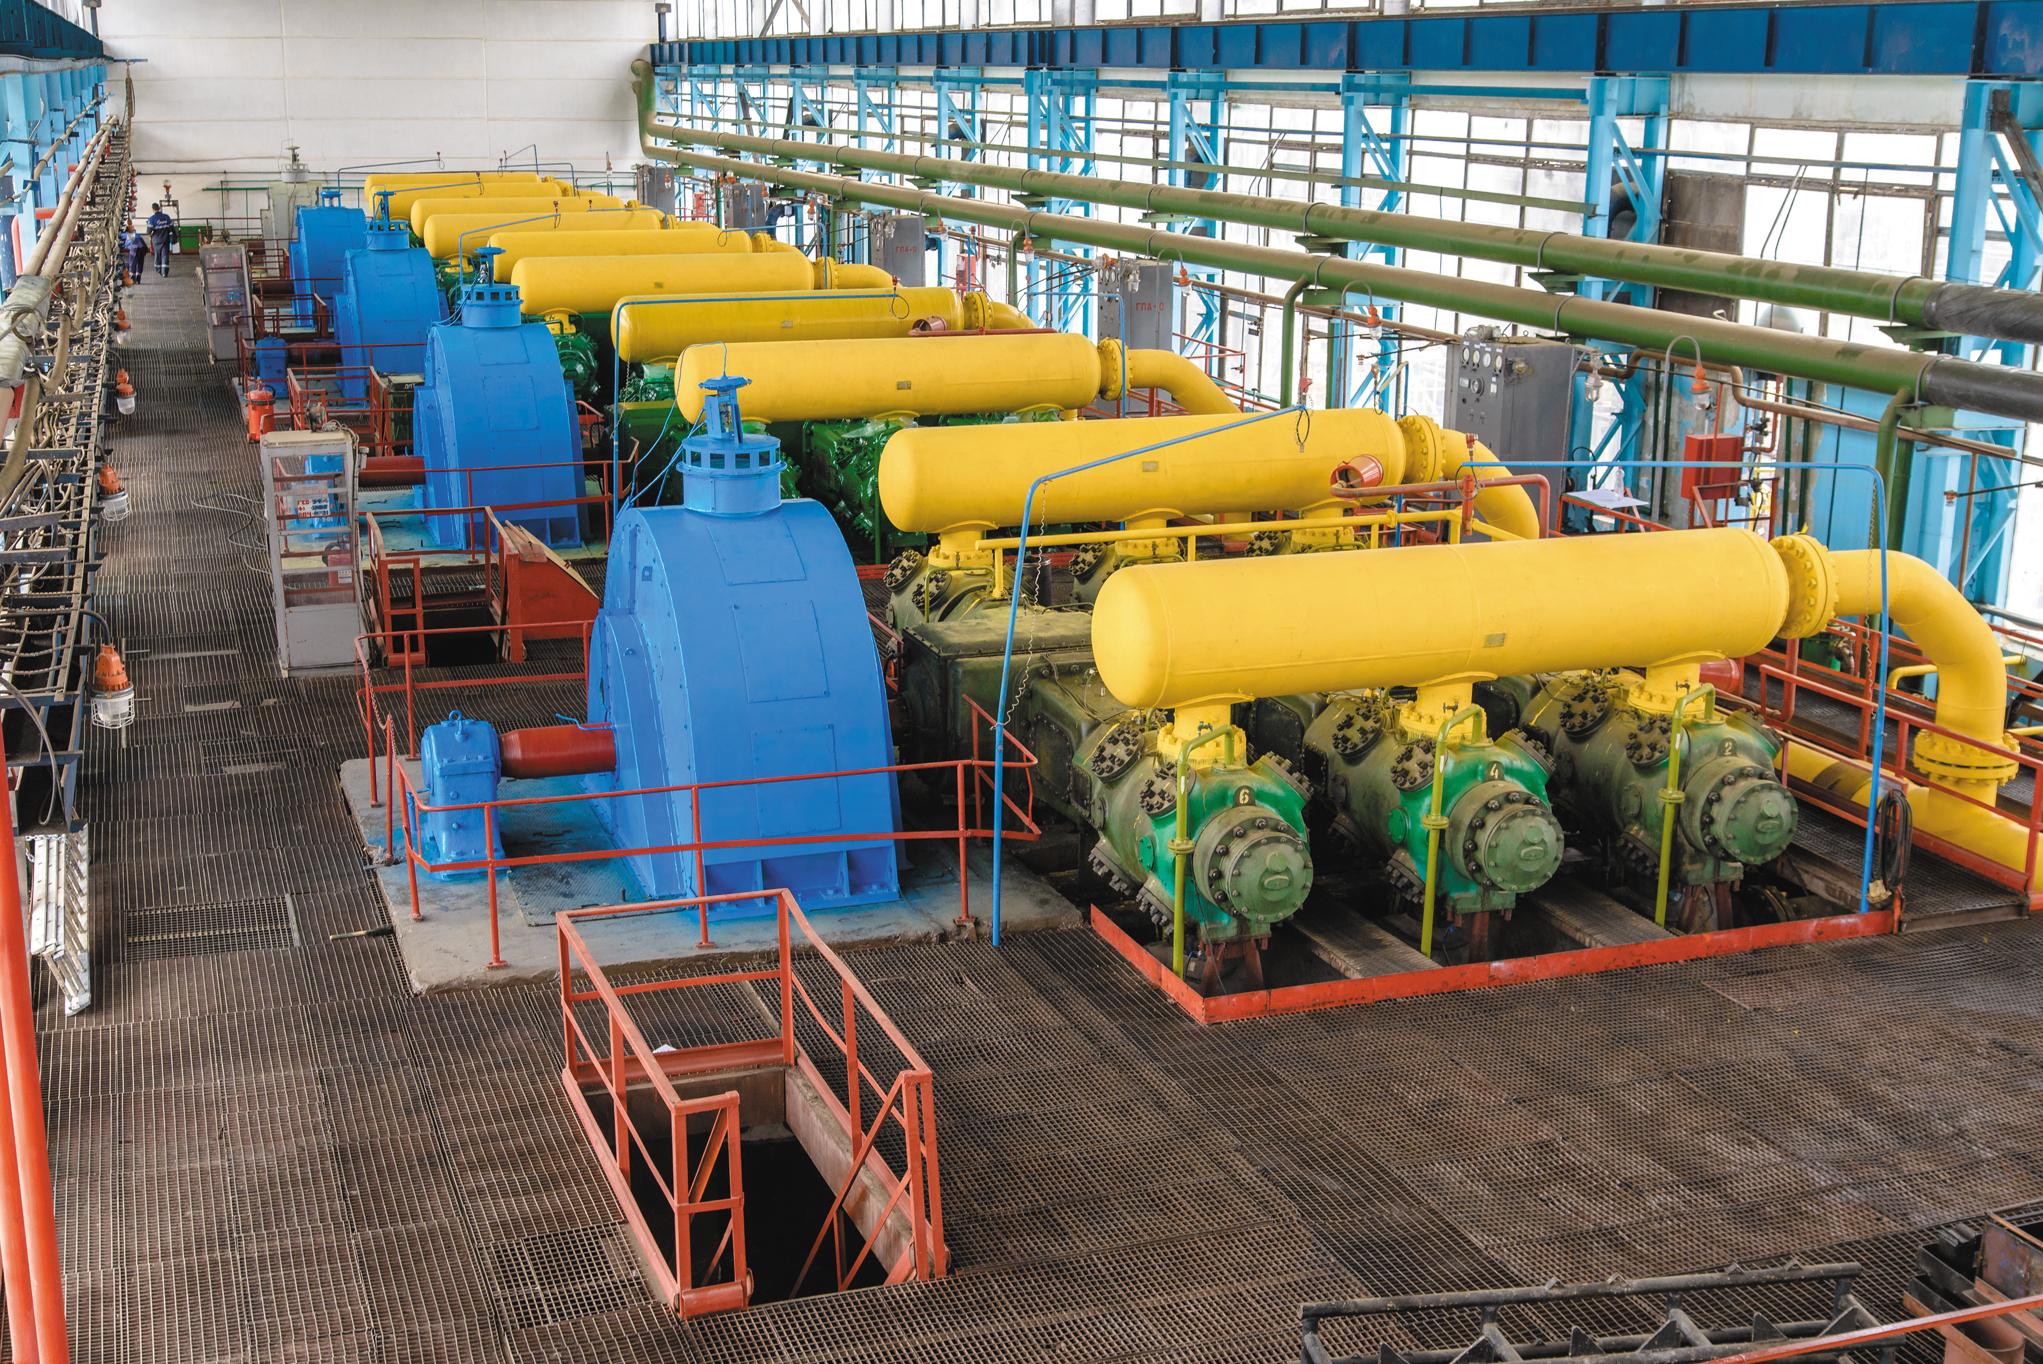 Гелиевый завод — один из основных производителей этана в России. На его долю приходится выпуск 80% этой продукции.